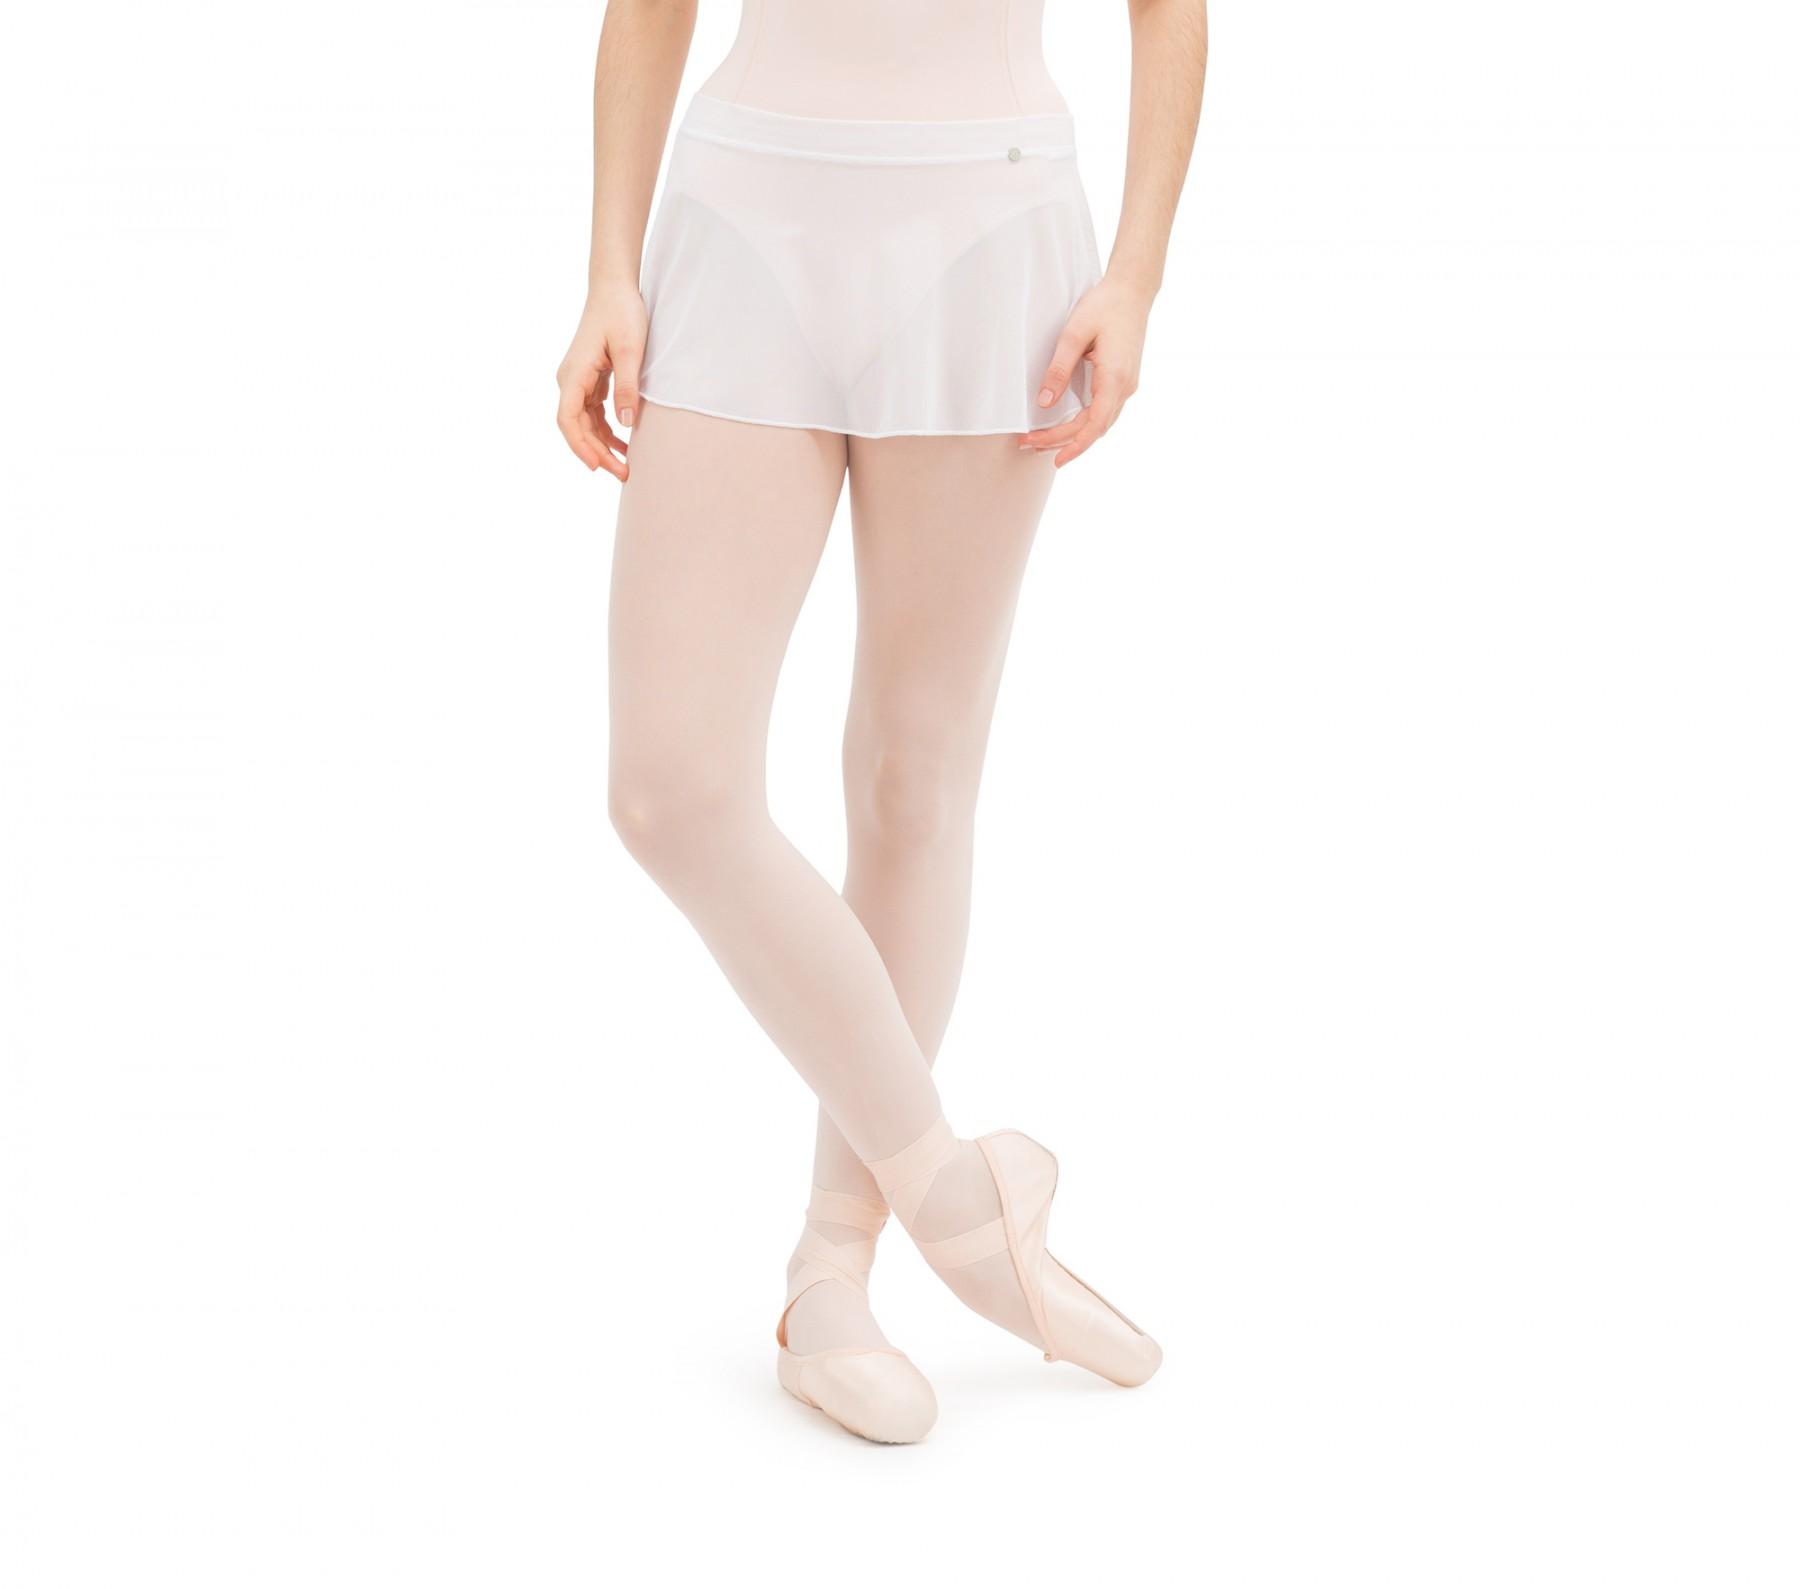 Short fishnet skirt